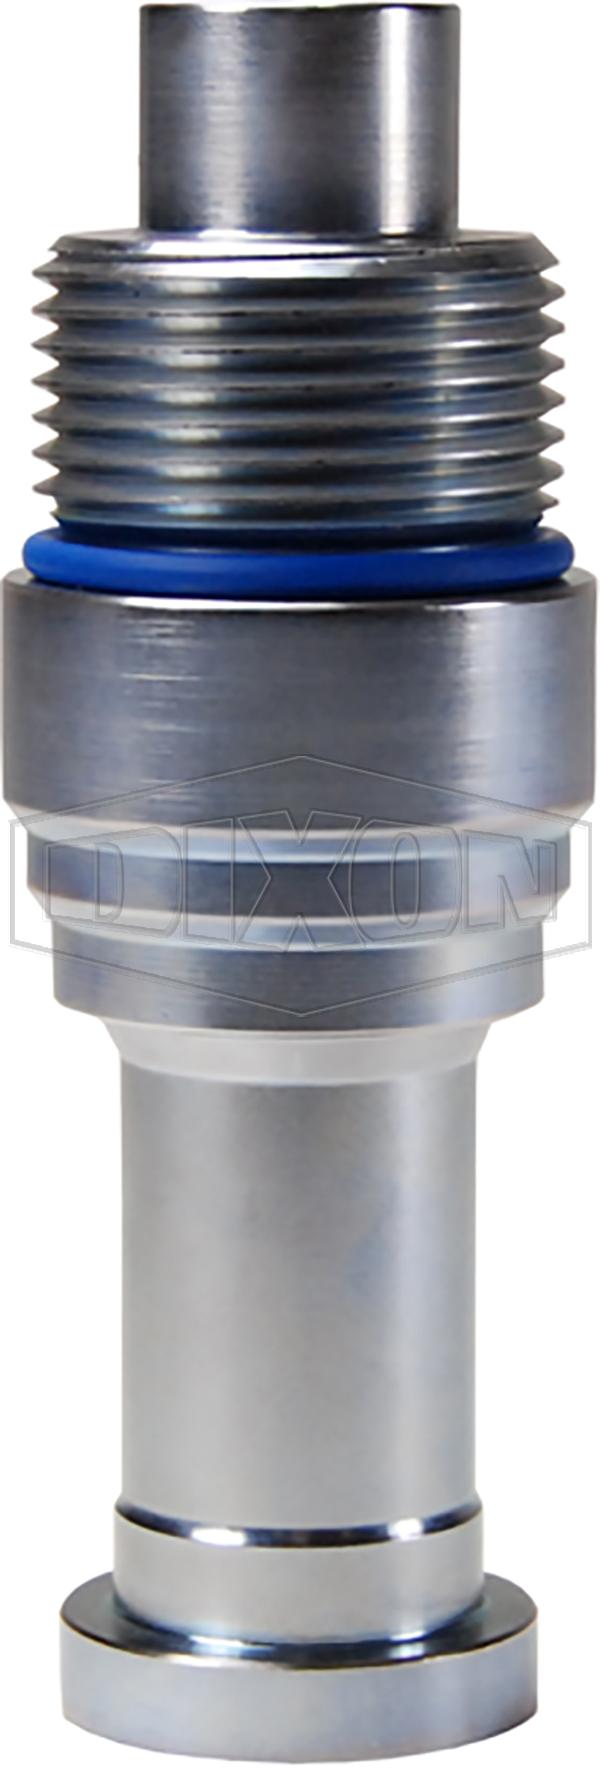 VEP Series Flange Head Plug